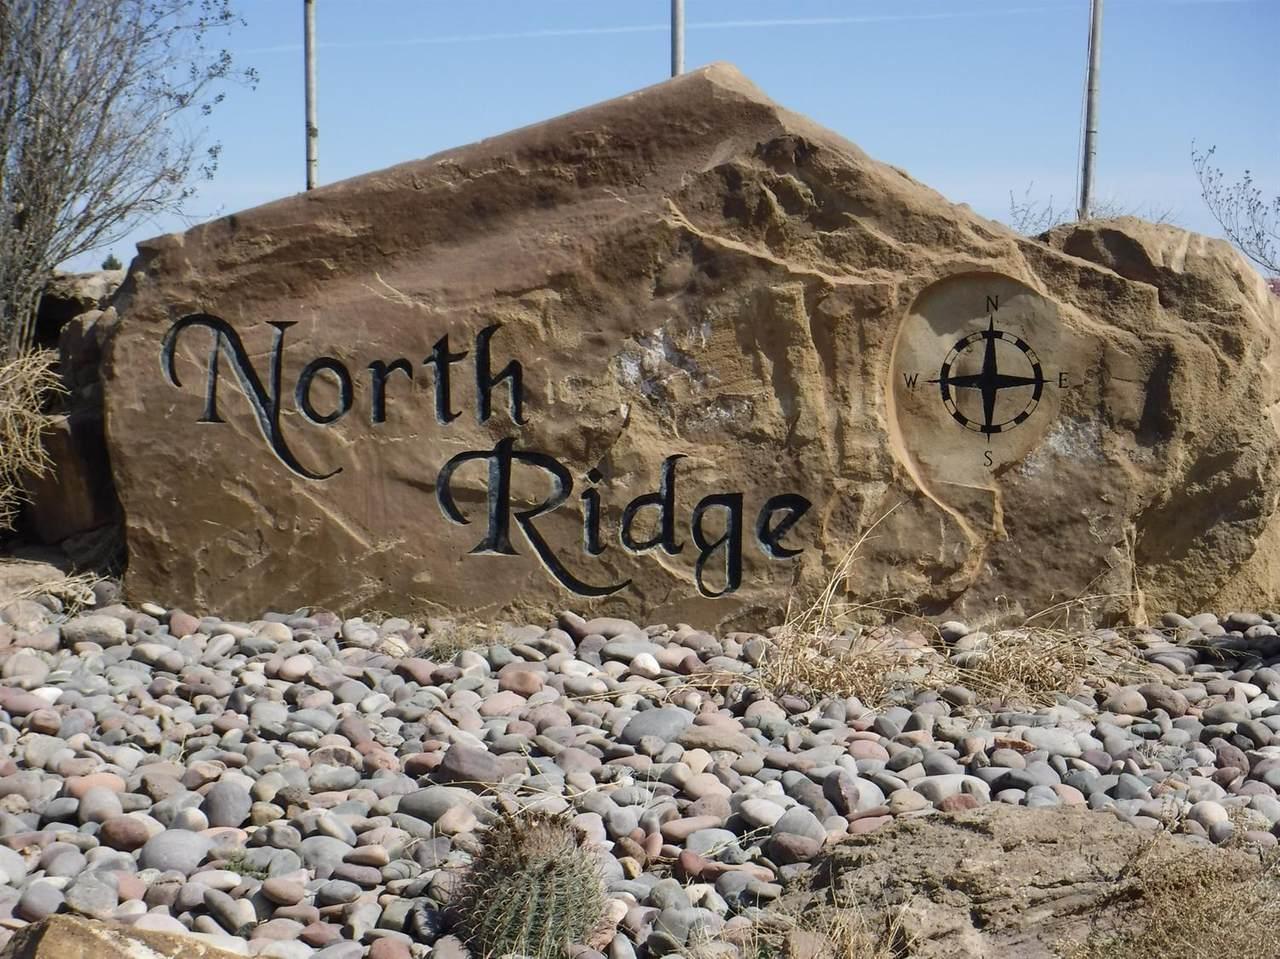 142 North Ridge Drive - Photo 1